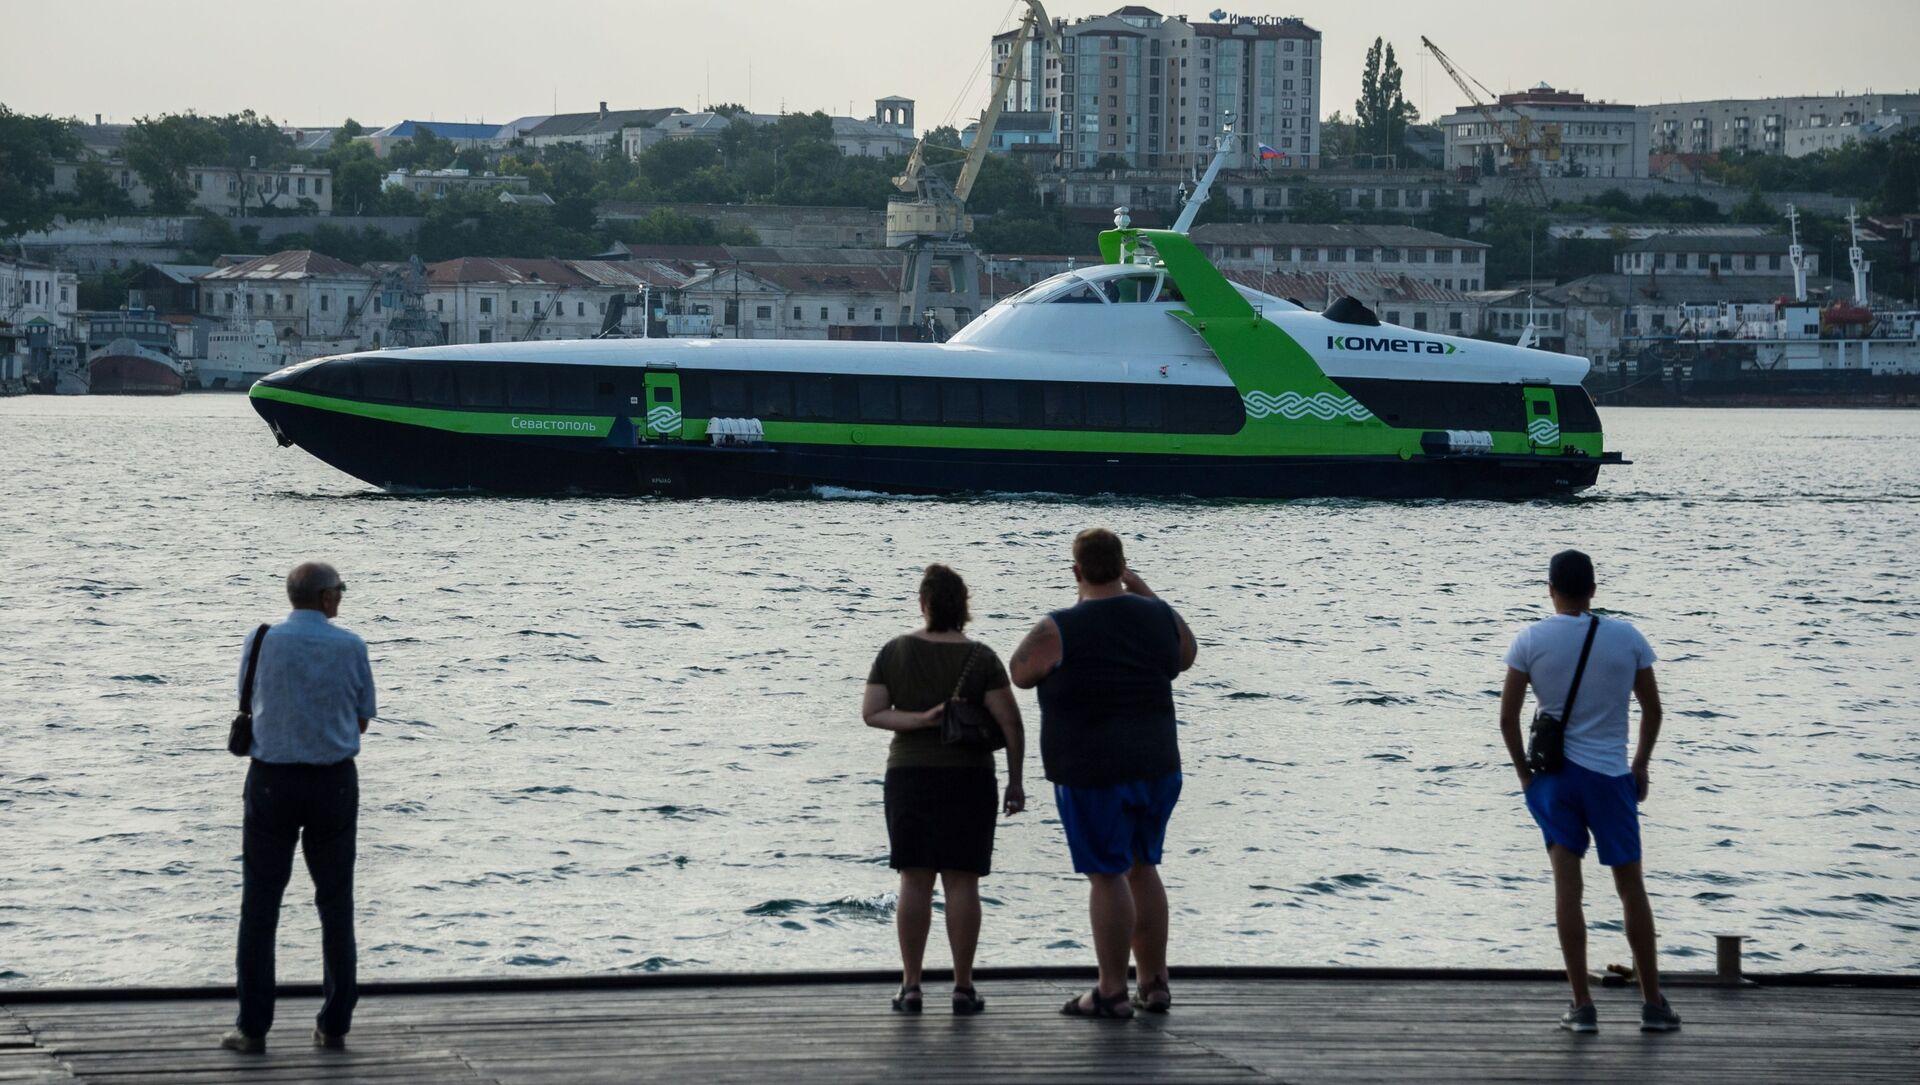 Chuyến đi đầu tiên của tàu chở khách ven biển tốc độ cao Kometa 120M giữa Sevastopol và Yalta - Sputnik Việt Nam, 1920, 21.08.2021